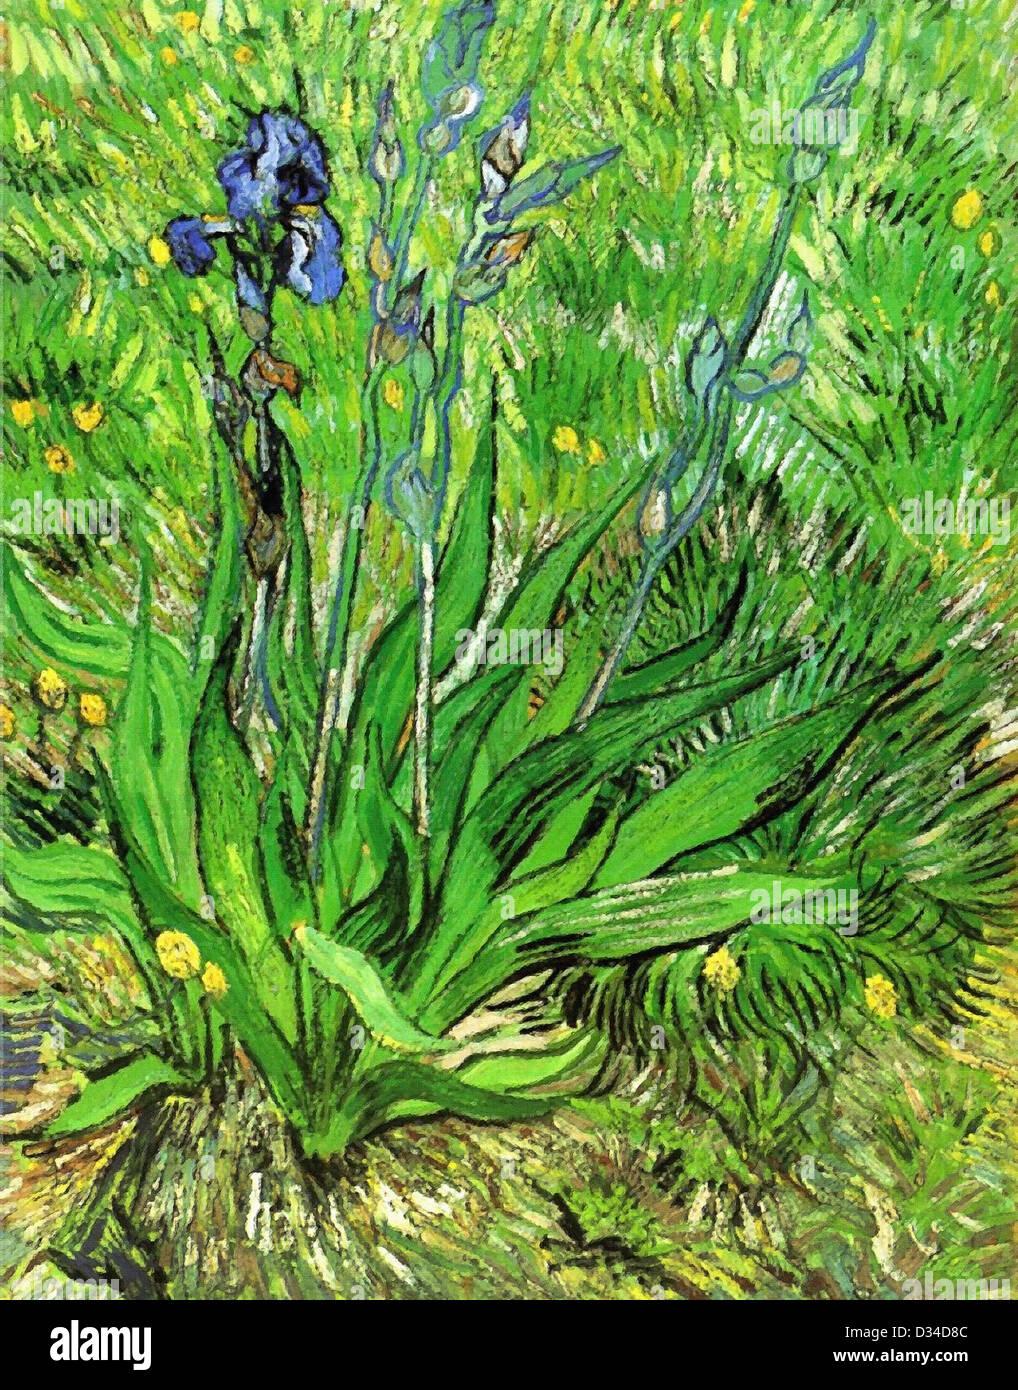 Vincent van Gogh, l'iride. 1889. Post-Impressionism. Olio su tela. Galleria Nazionale del Canada, Ottawa, Canada. Immagini Stock